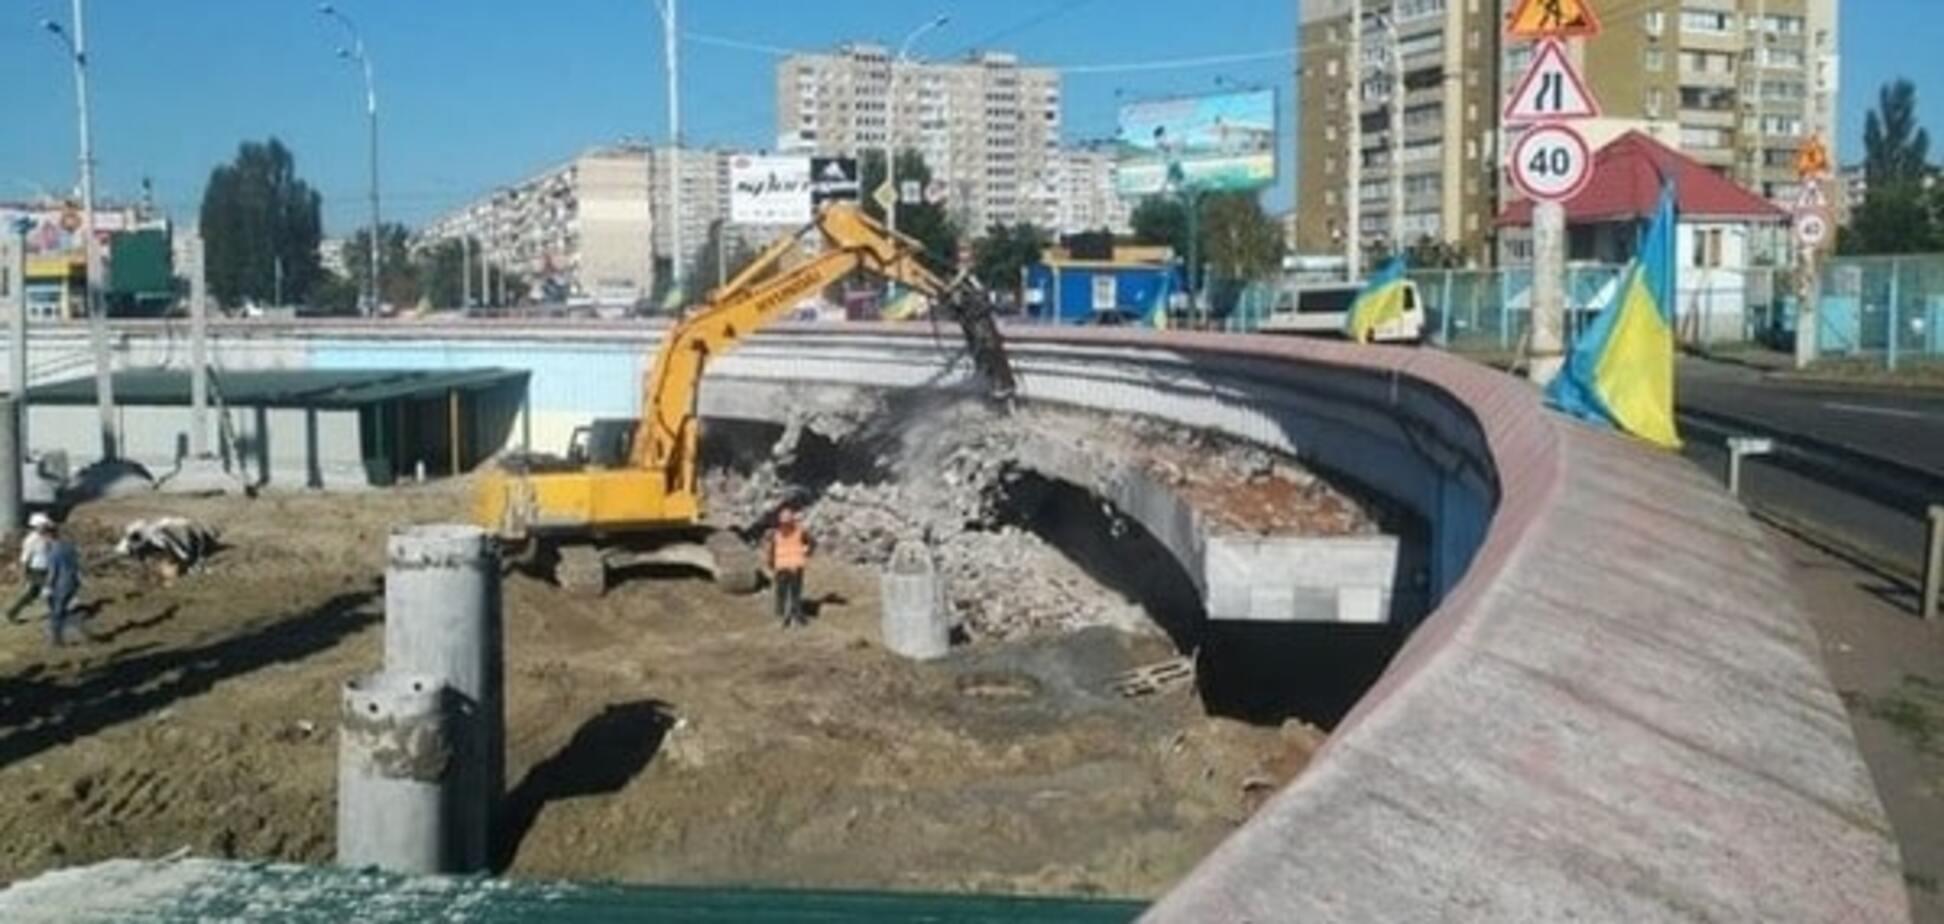 Не обвалиться: забудовник заперечує небезпеку будівництва на 'Героїв Дніпра' в Києві